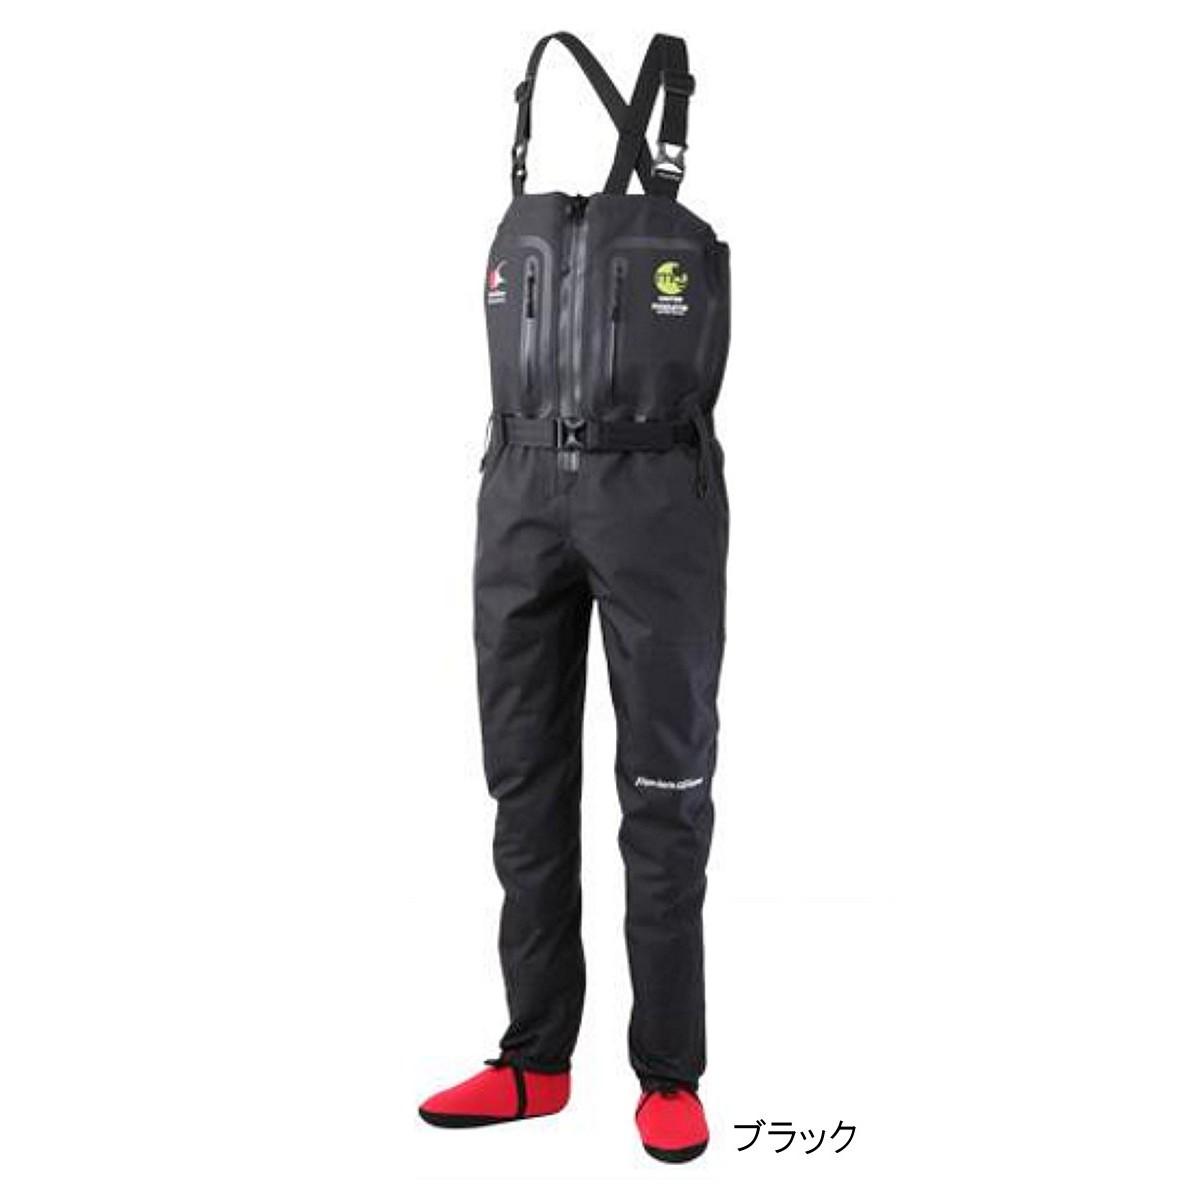 マズメ フルオープンストッキングウェイダー MZST-295 LL ブラック【送料無料】